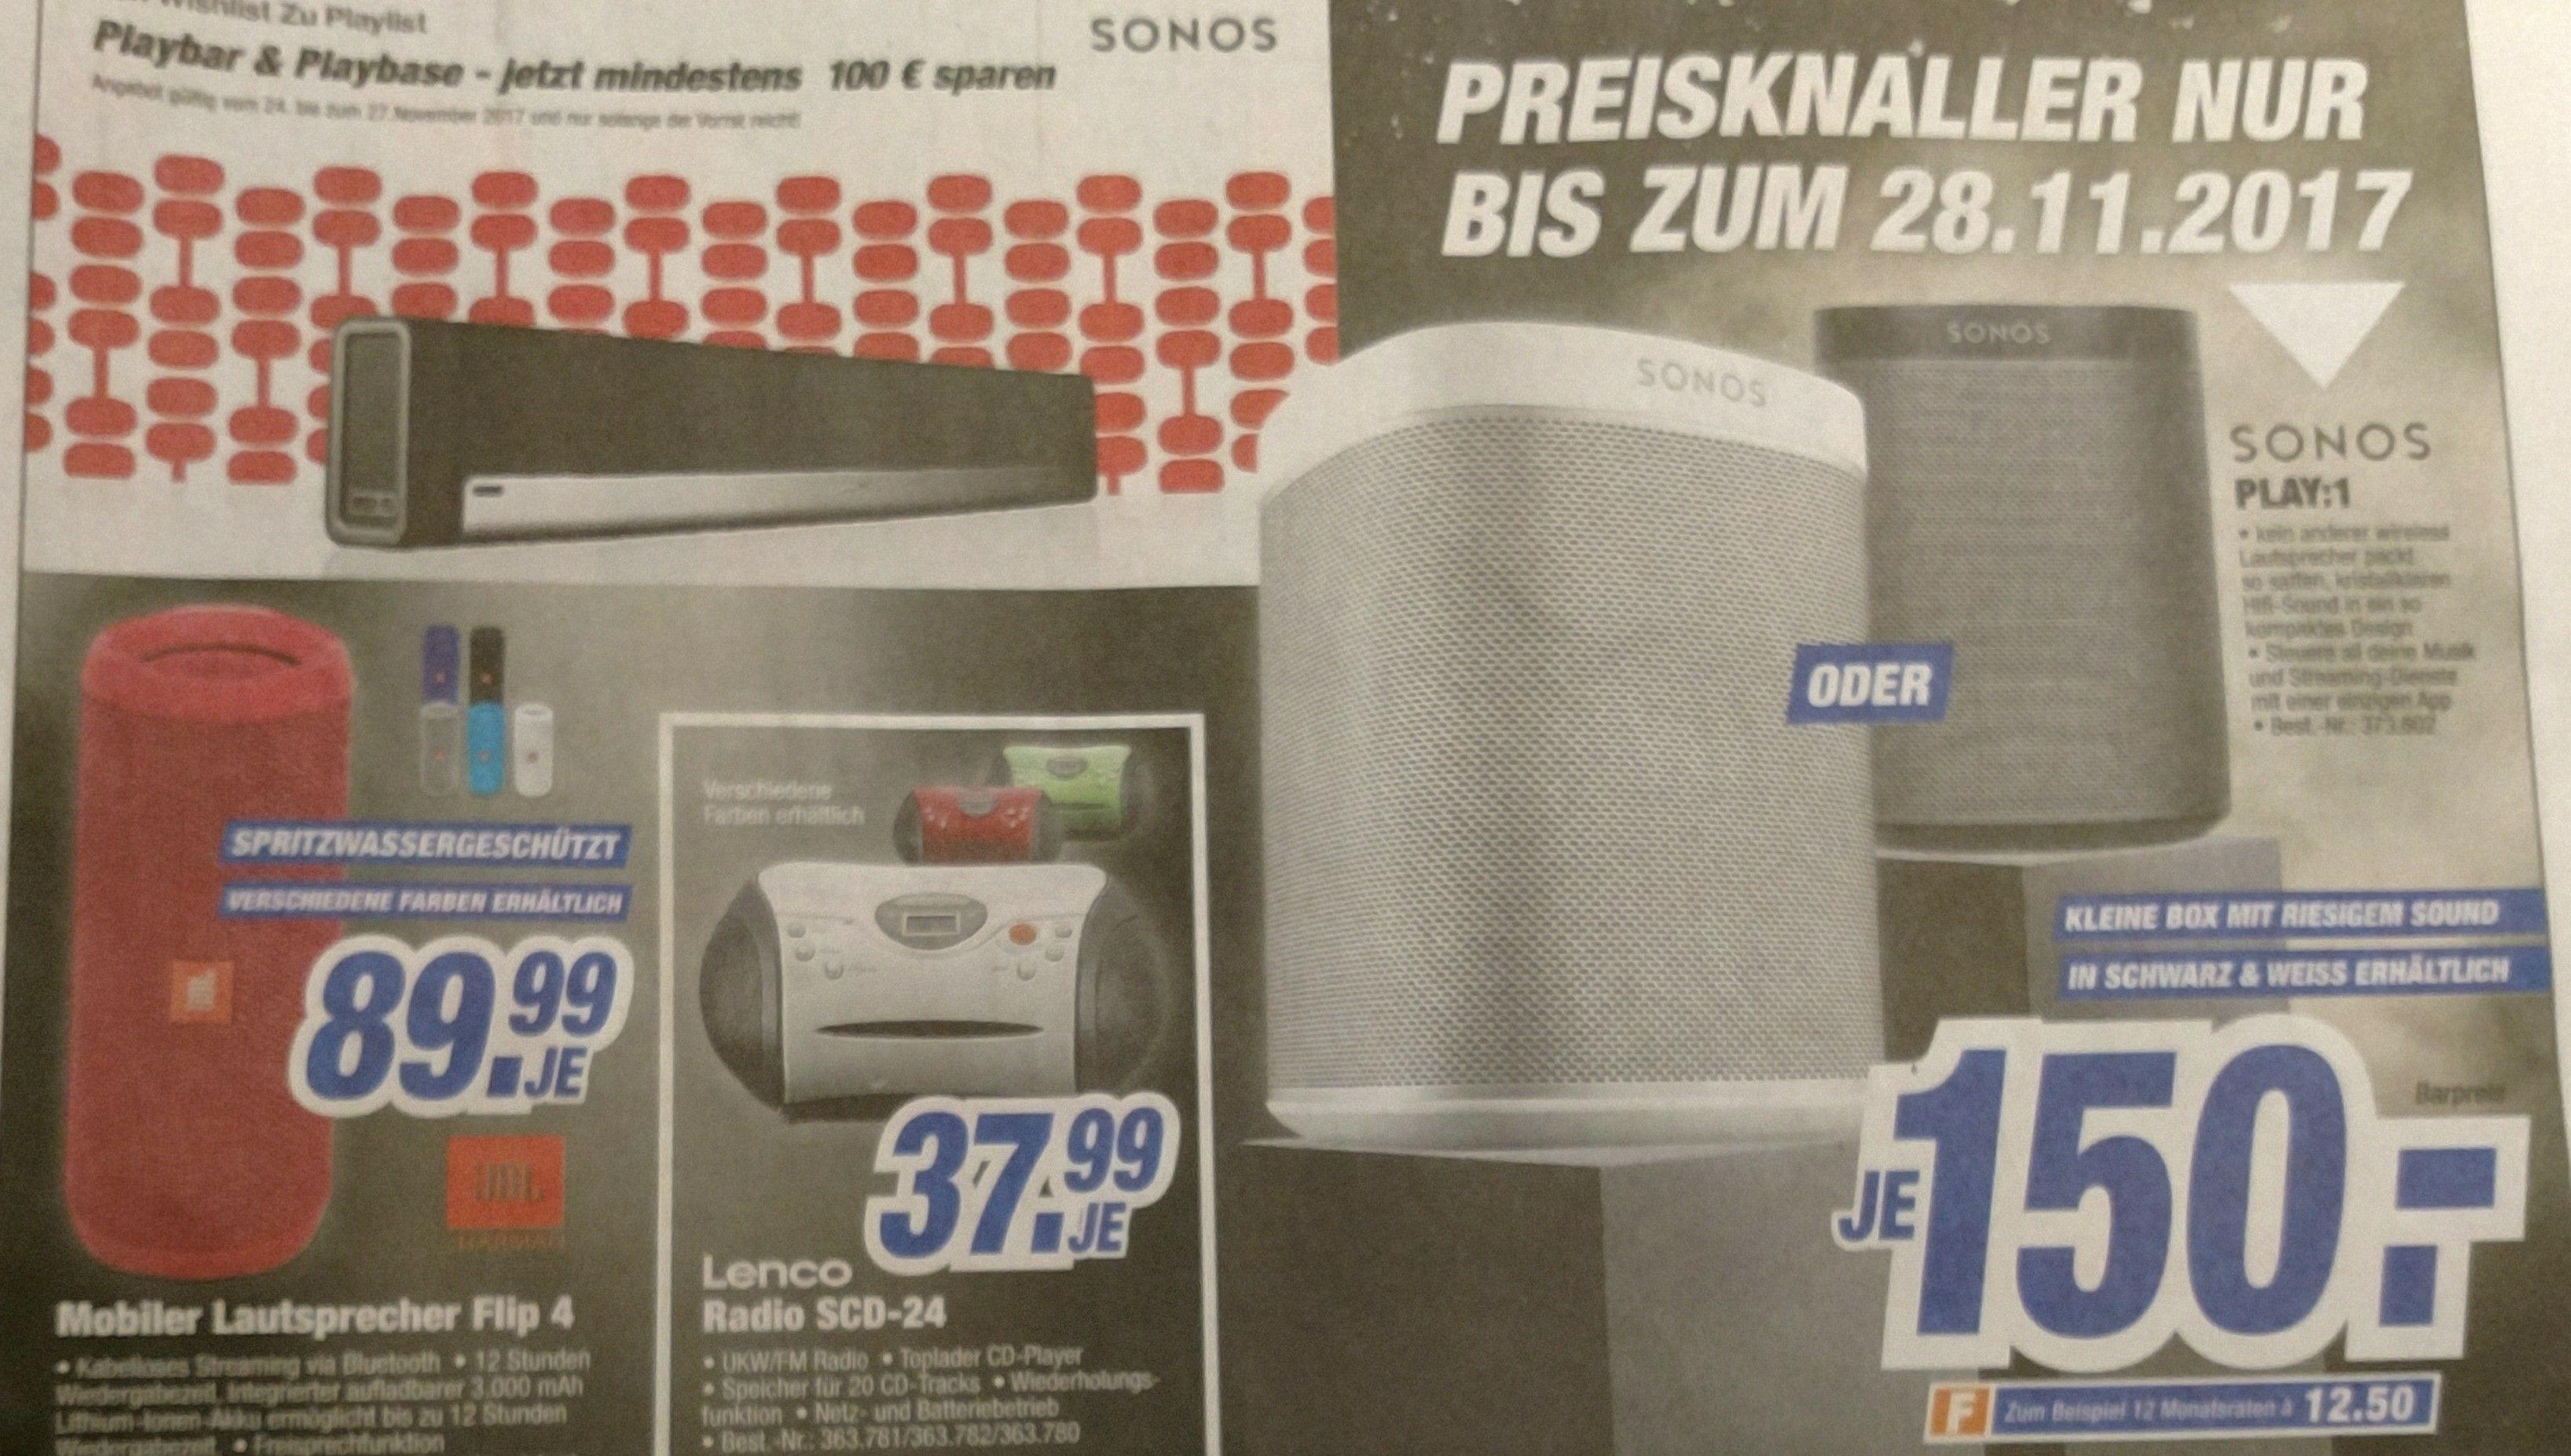 Sonos Play 1 für 150€ - lokaler Deal Neumarkt OPf